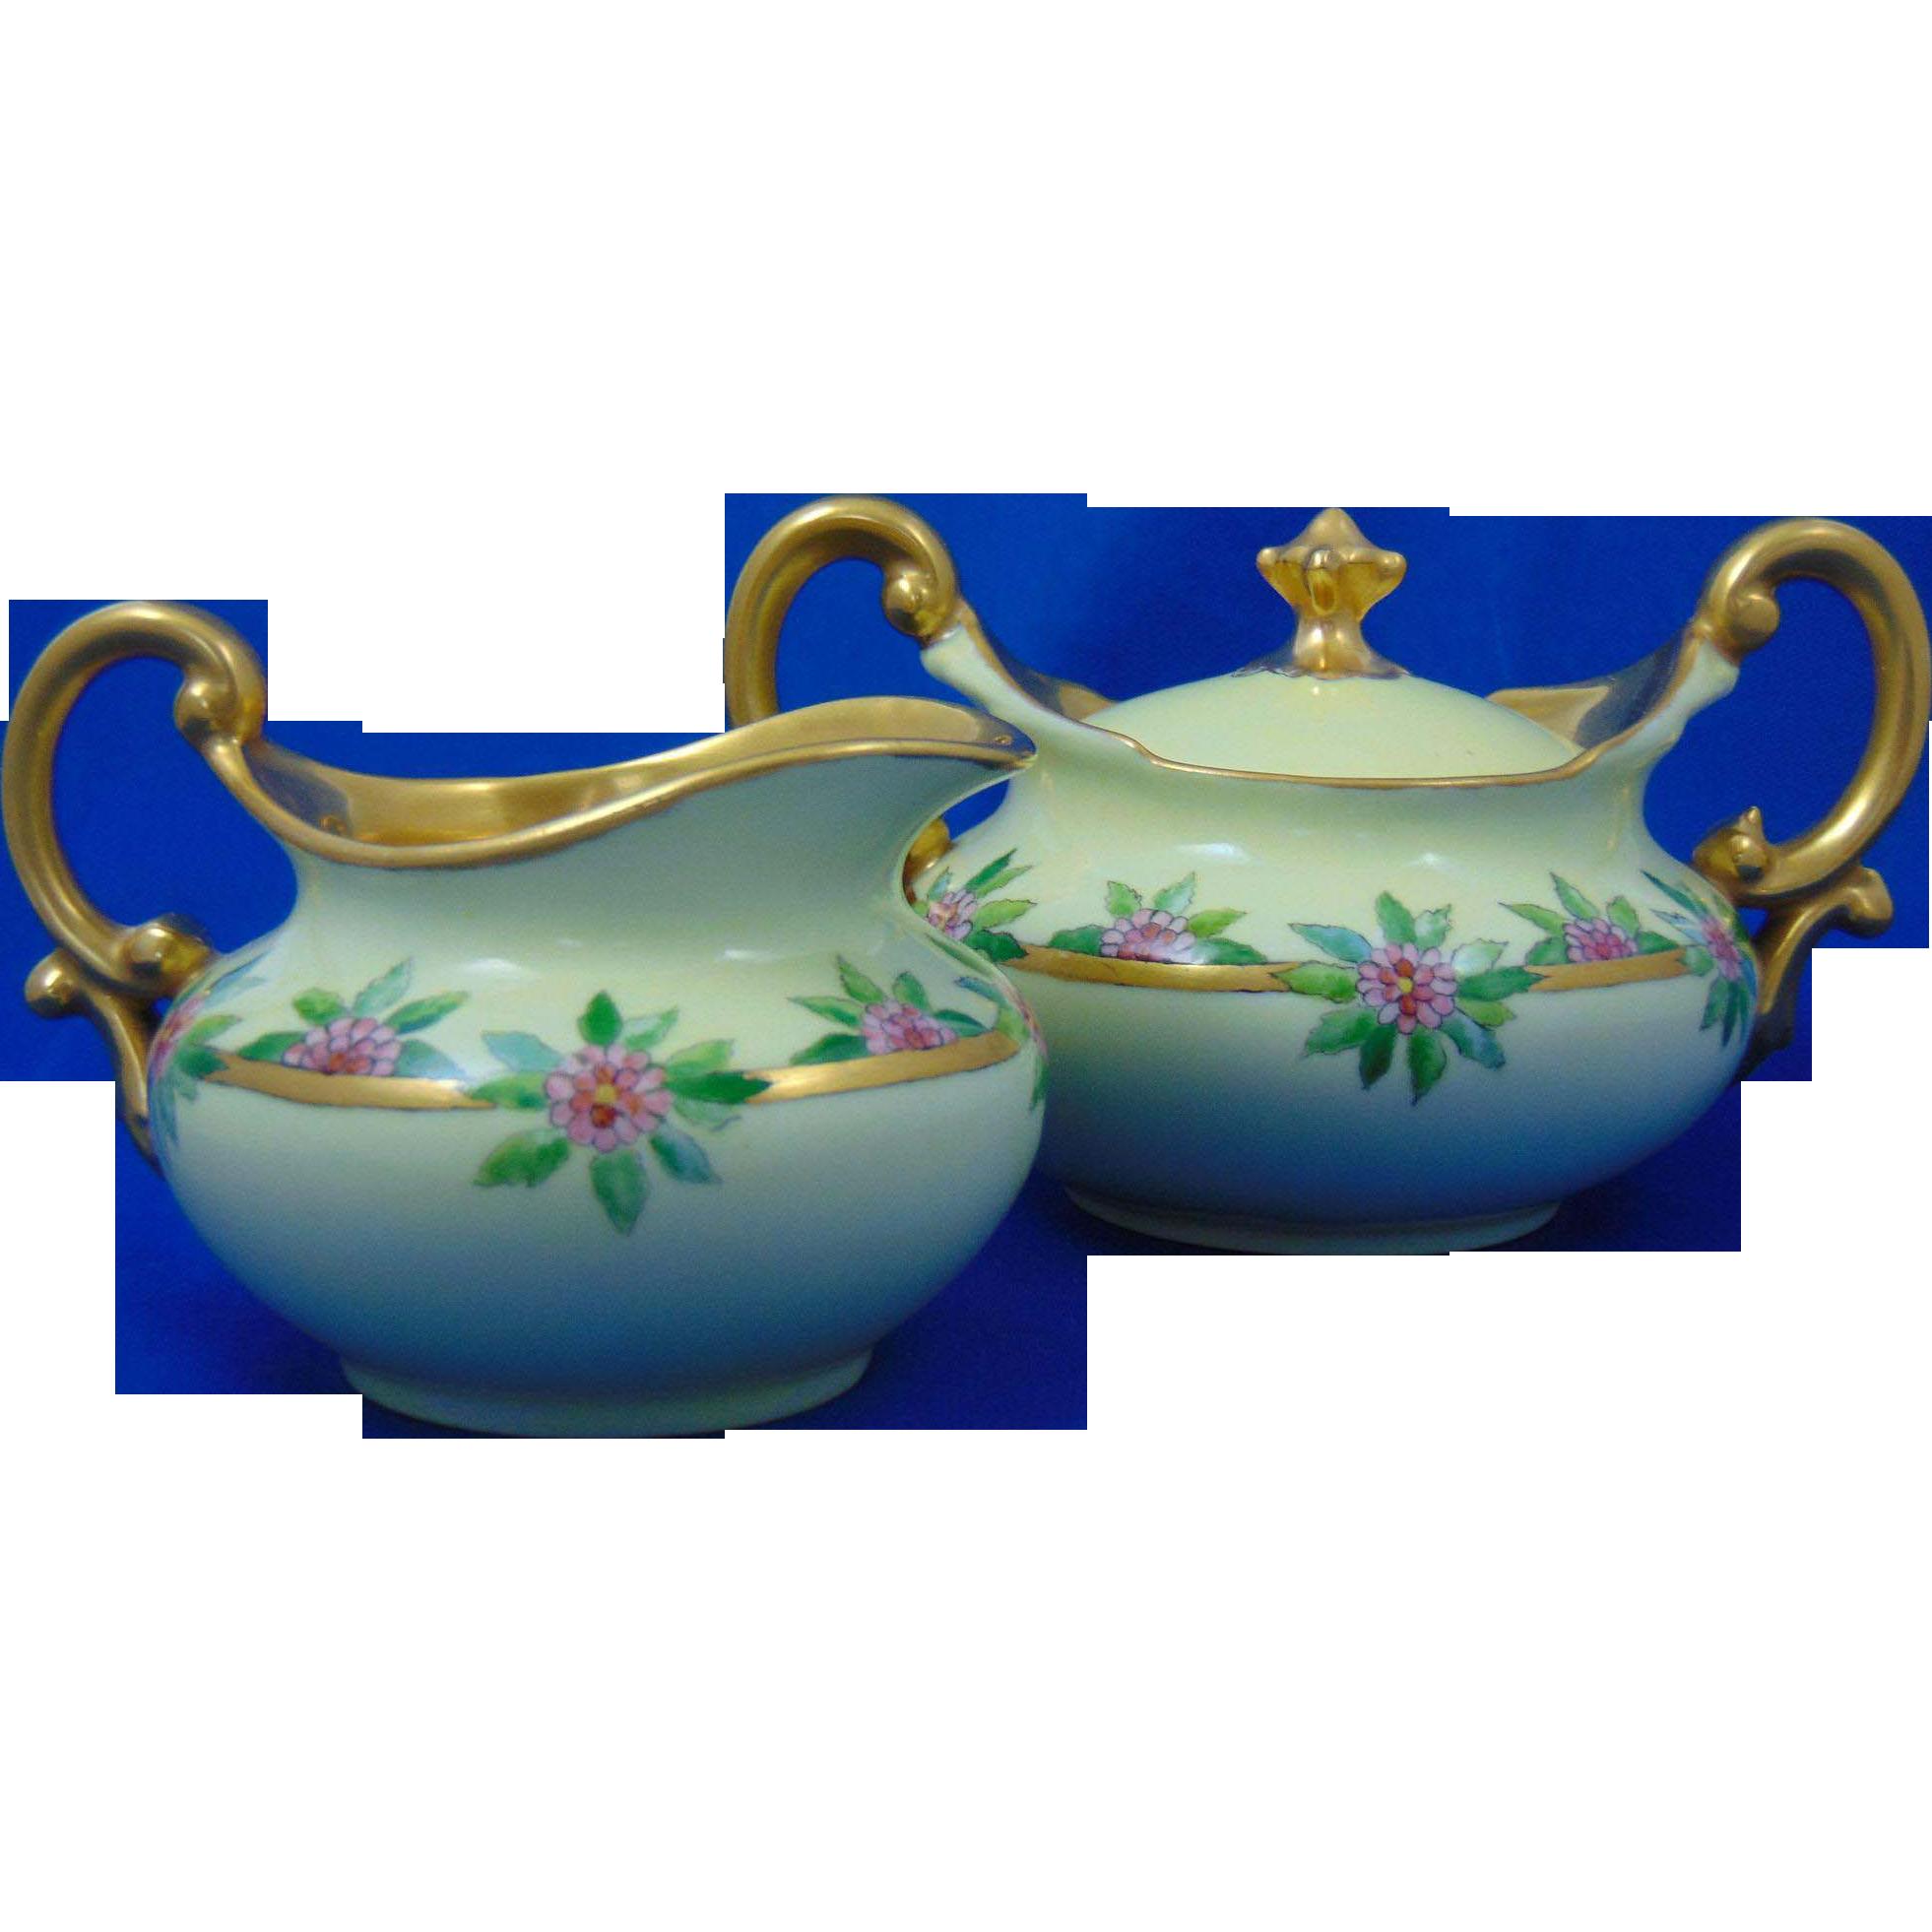 Tressemann & Vogt (T&V) Limoges Arts & Crafts Pink Floral Motif Creamer & Sugar Set (c.1892-1907)